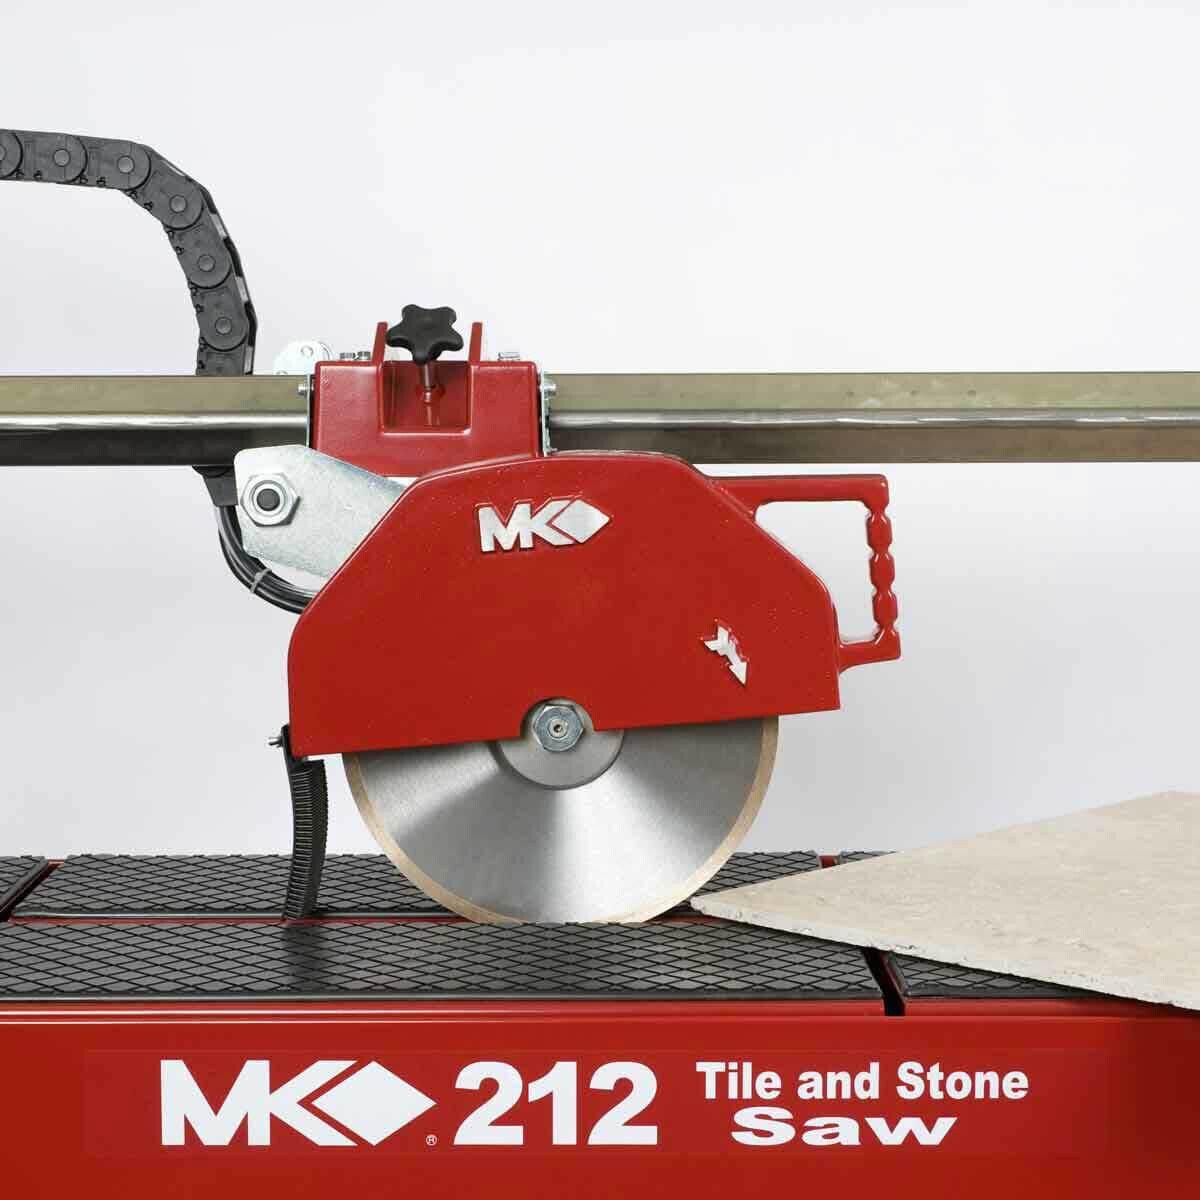 mk 212 wet saw work surface